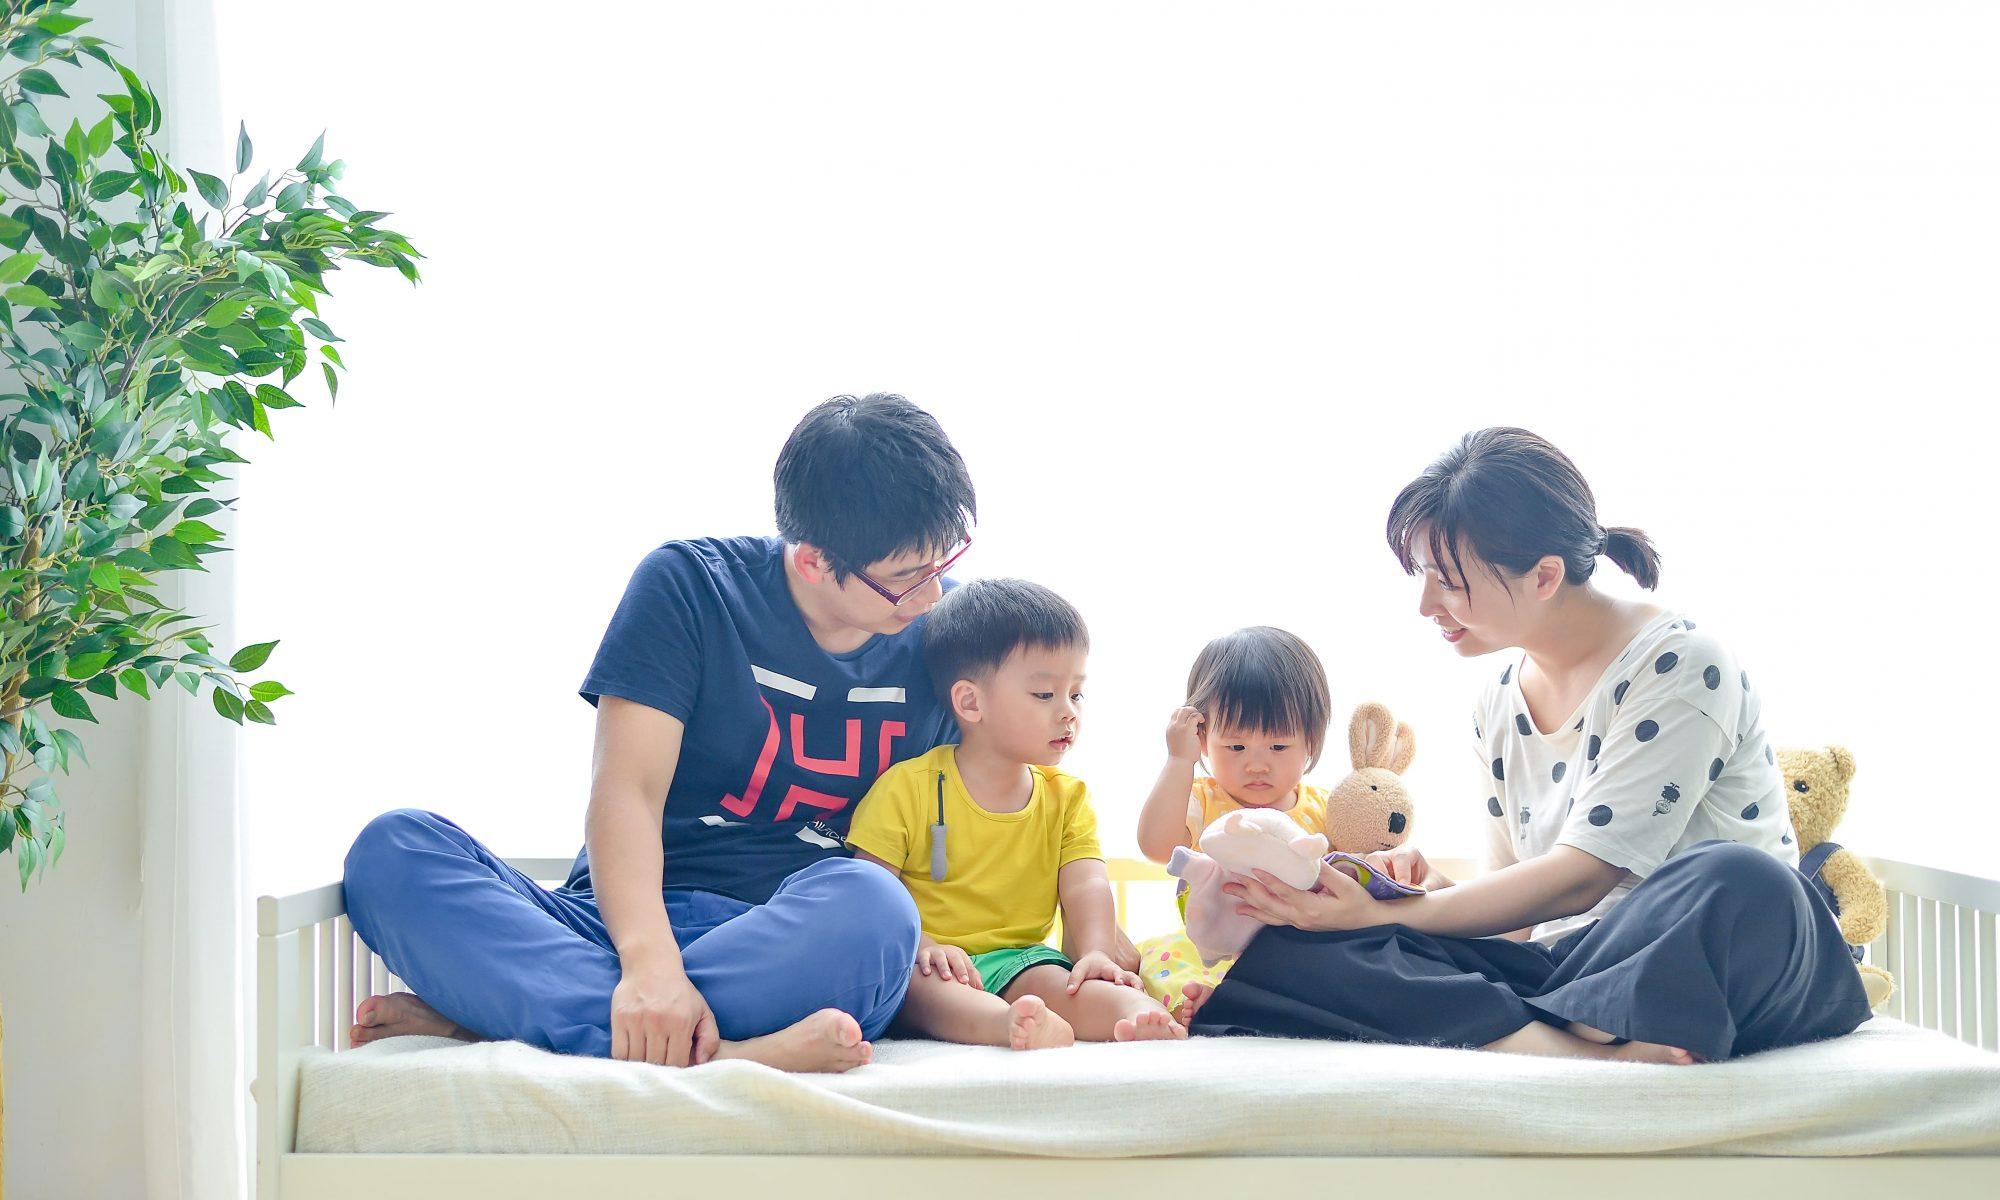 為孩子挑選「持續創新」的線上學習平台